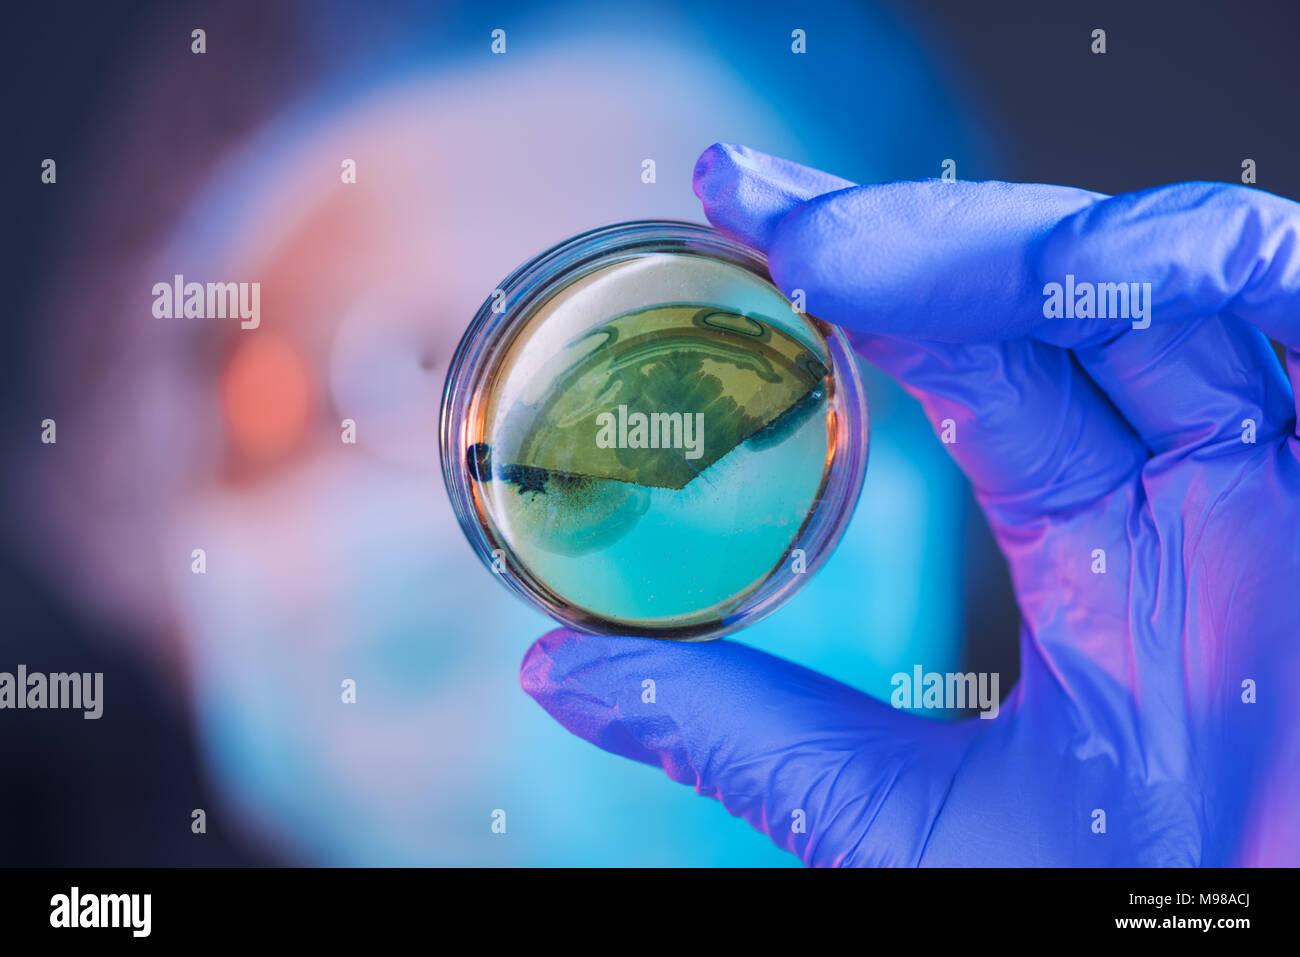 Análisis científico femenino creciente cultivos bacterianos en placa de Petri en el laboratorio, la ciencia y la microbiología antecedentes Foto de stock